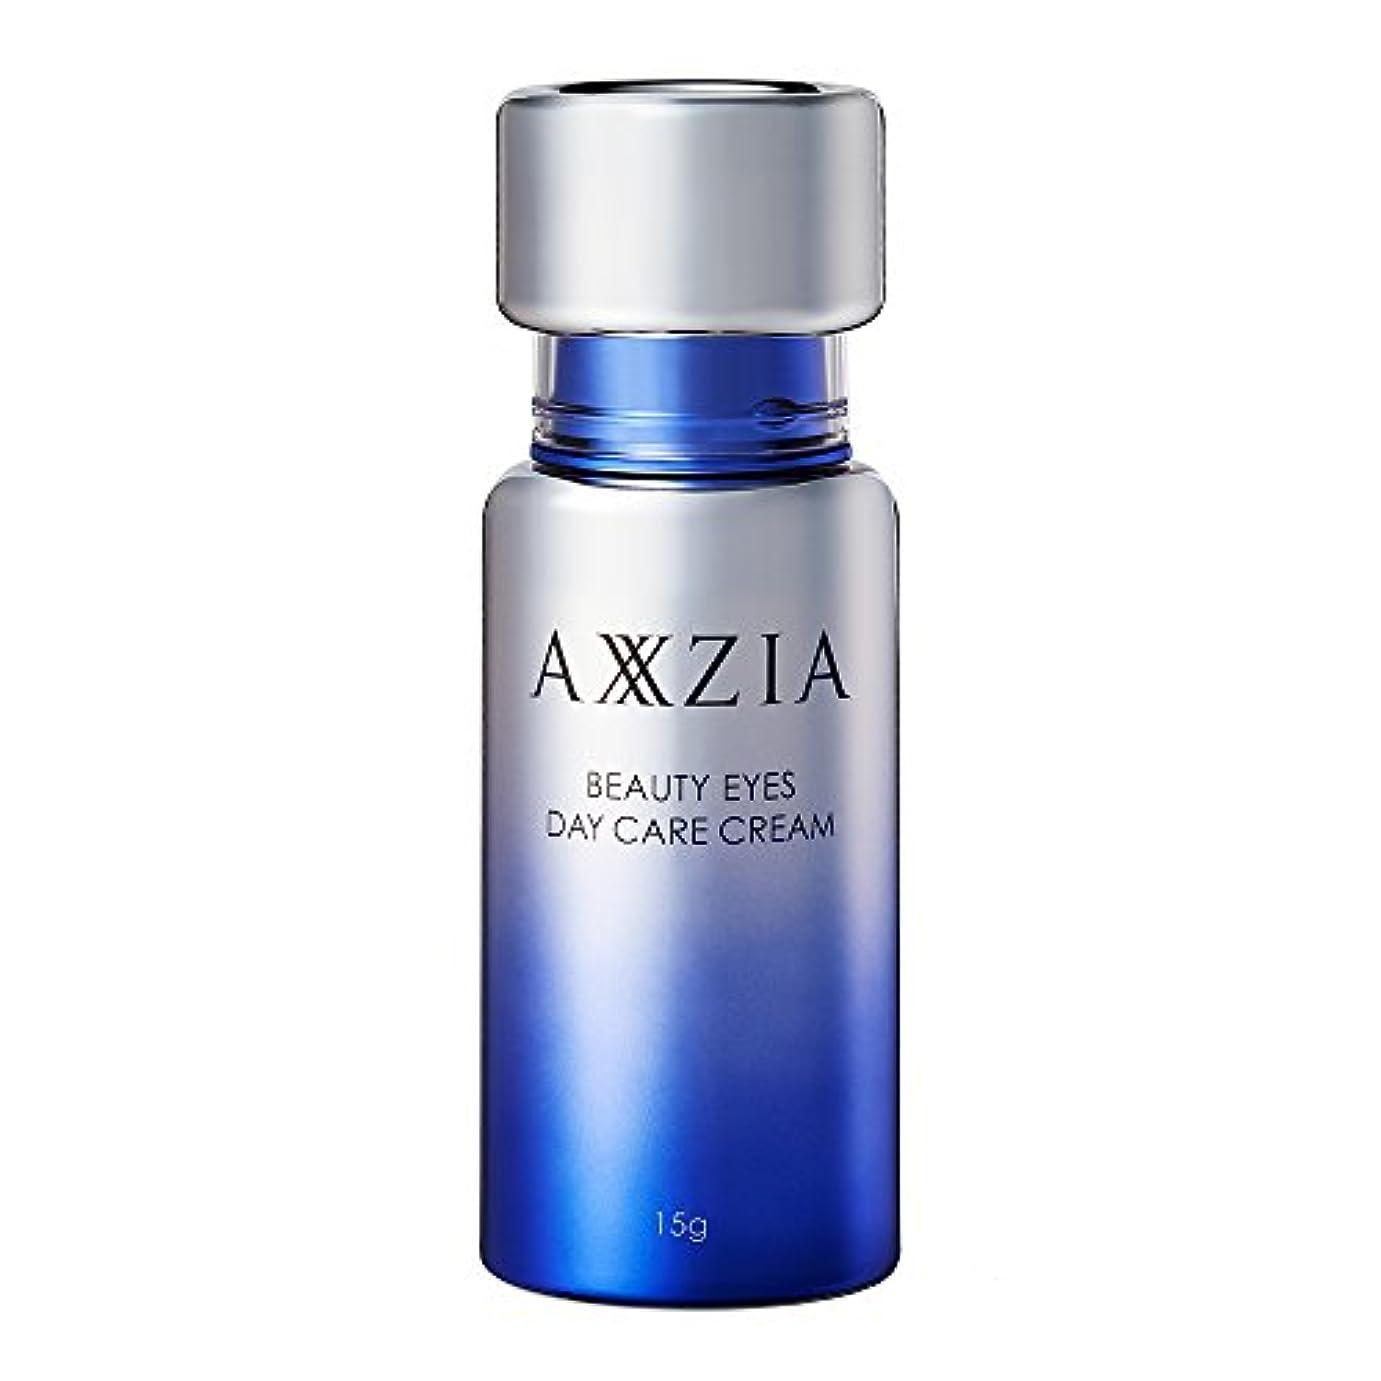 元に戻す改善申請中アクシージア (AXXZIA) ビューティアイズ デイ ケア クリーム 15g